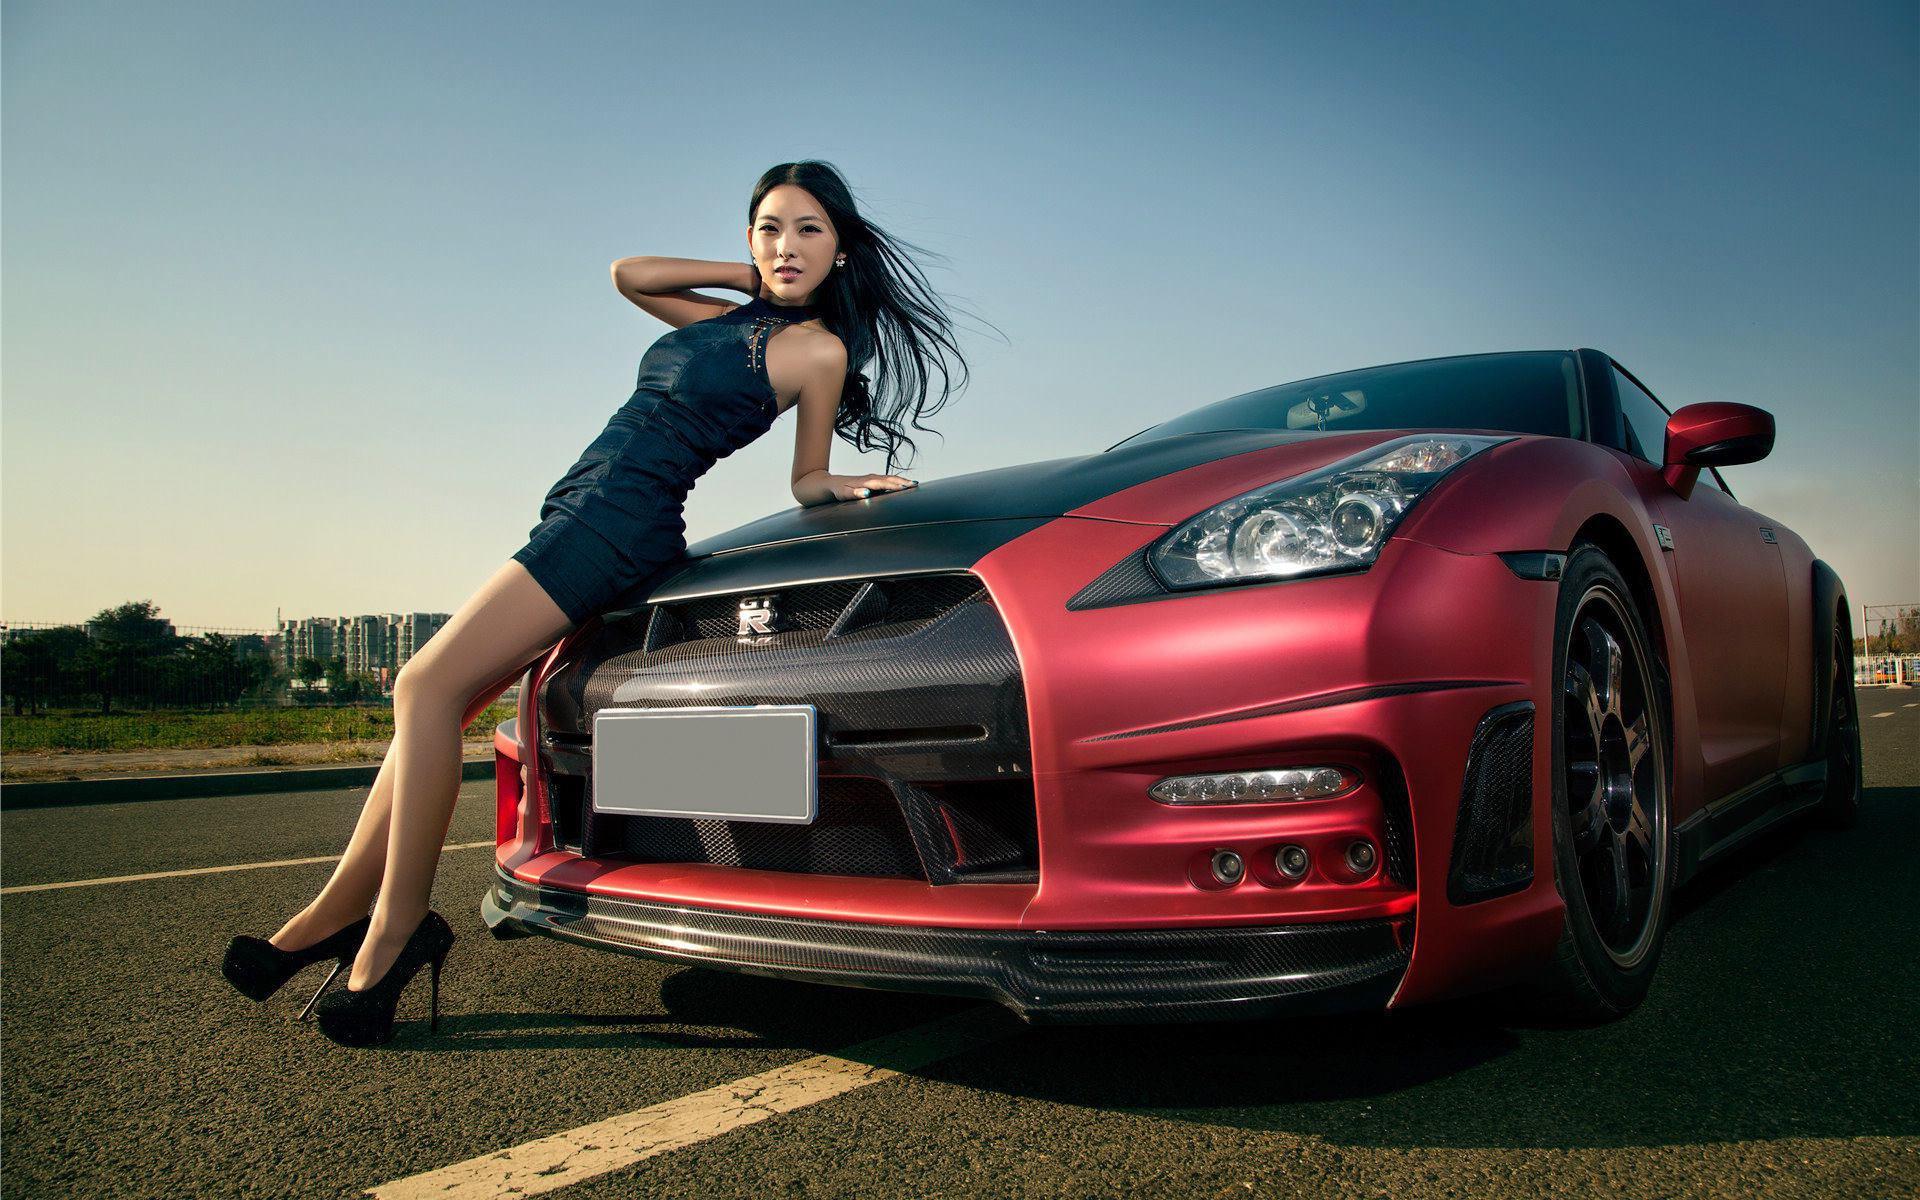 Крутые картинки девушек на машине